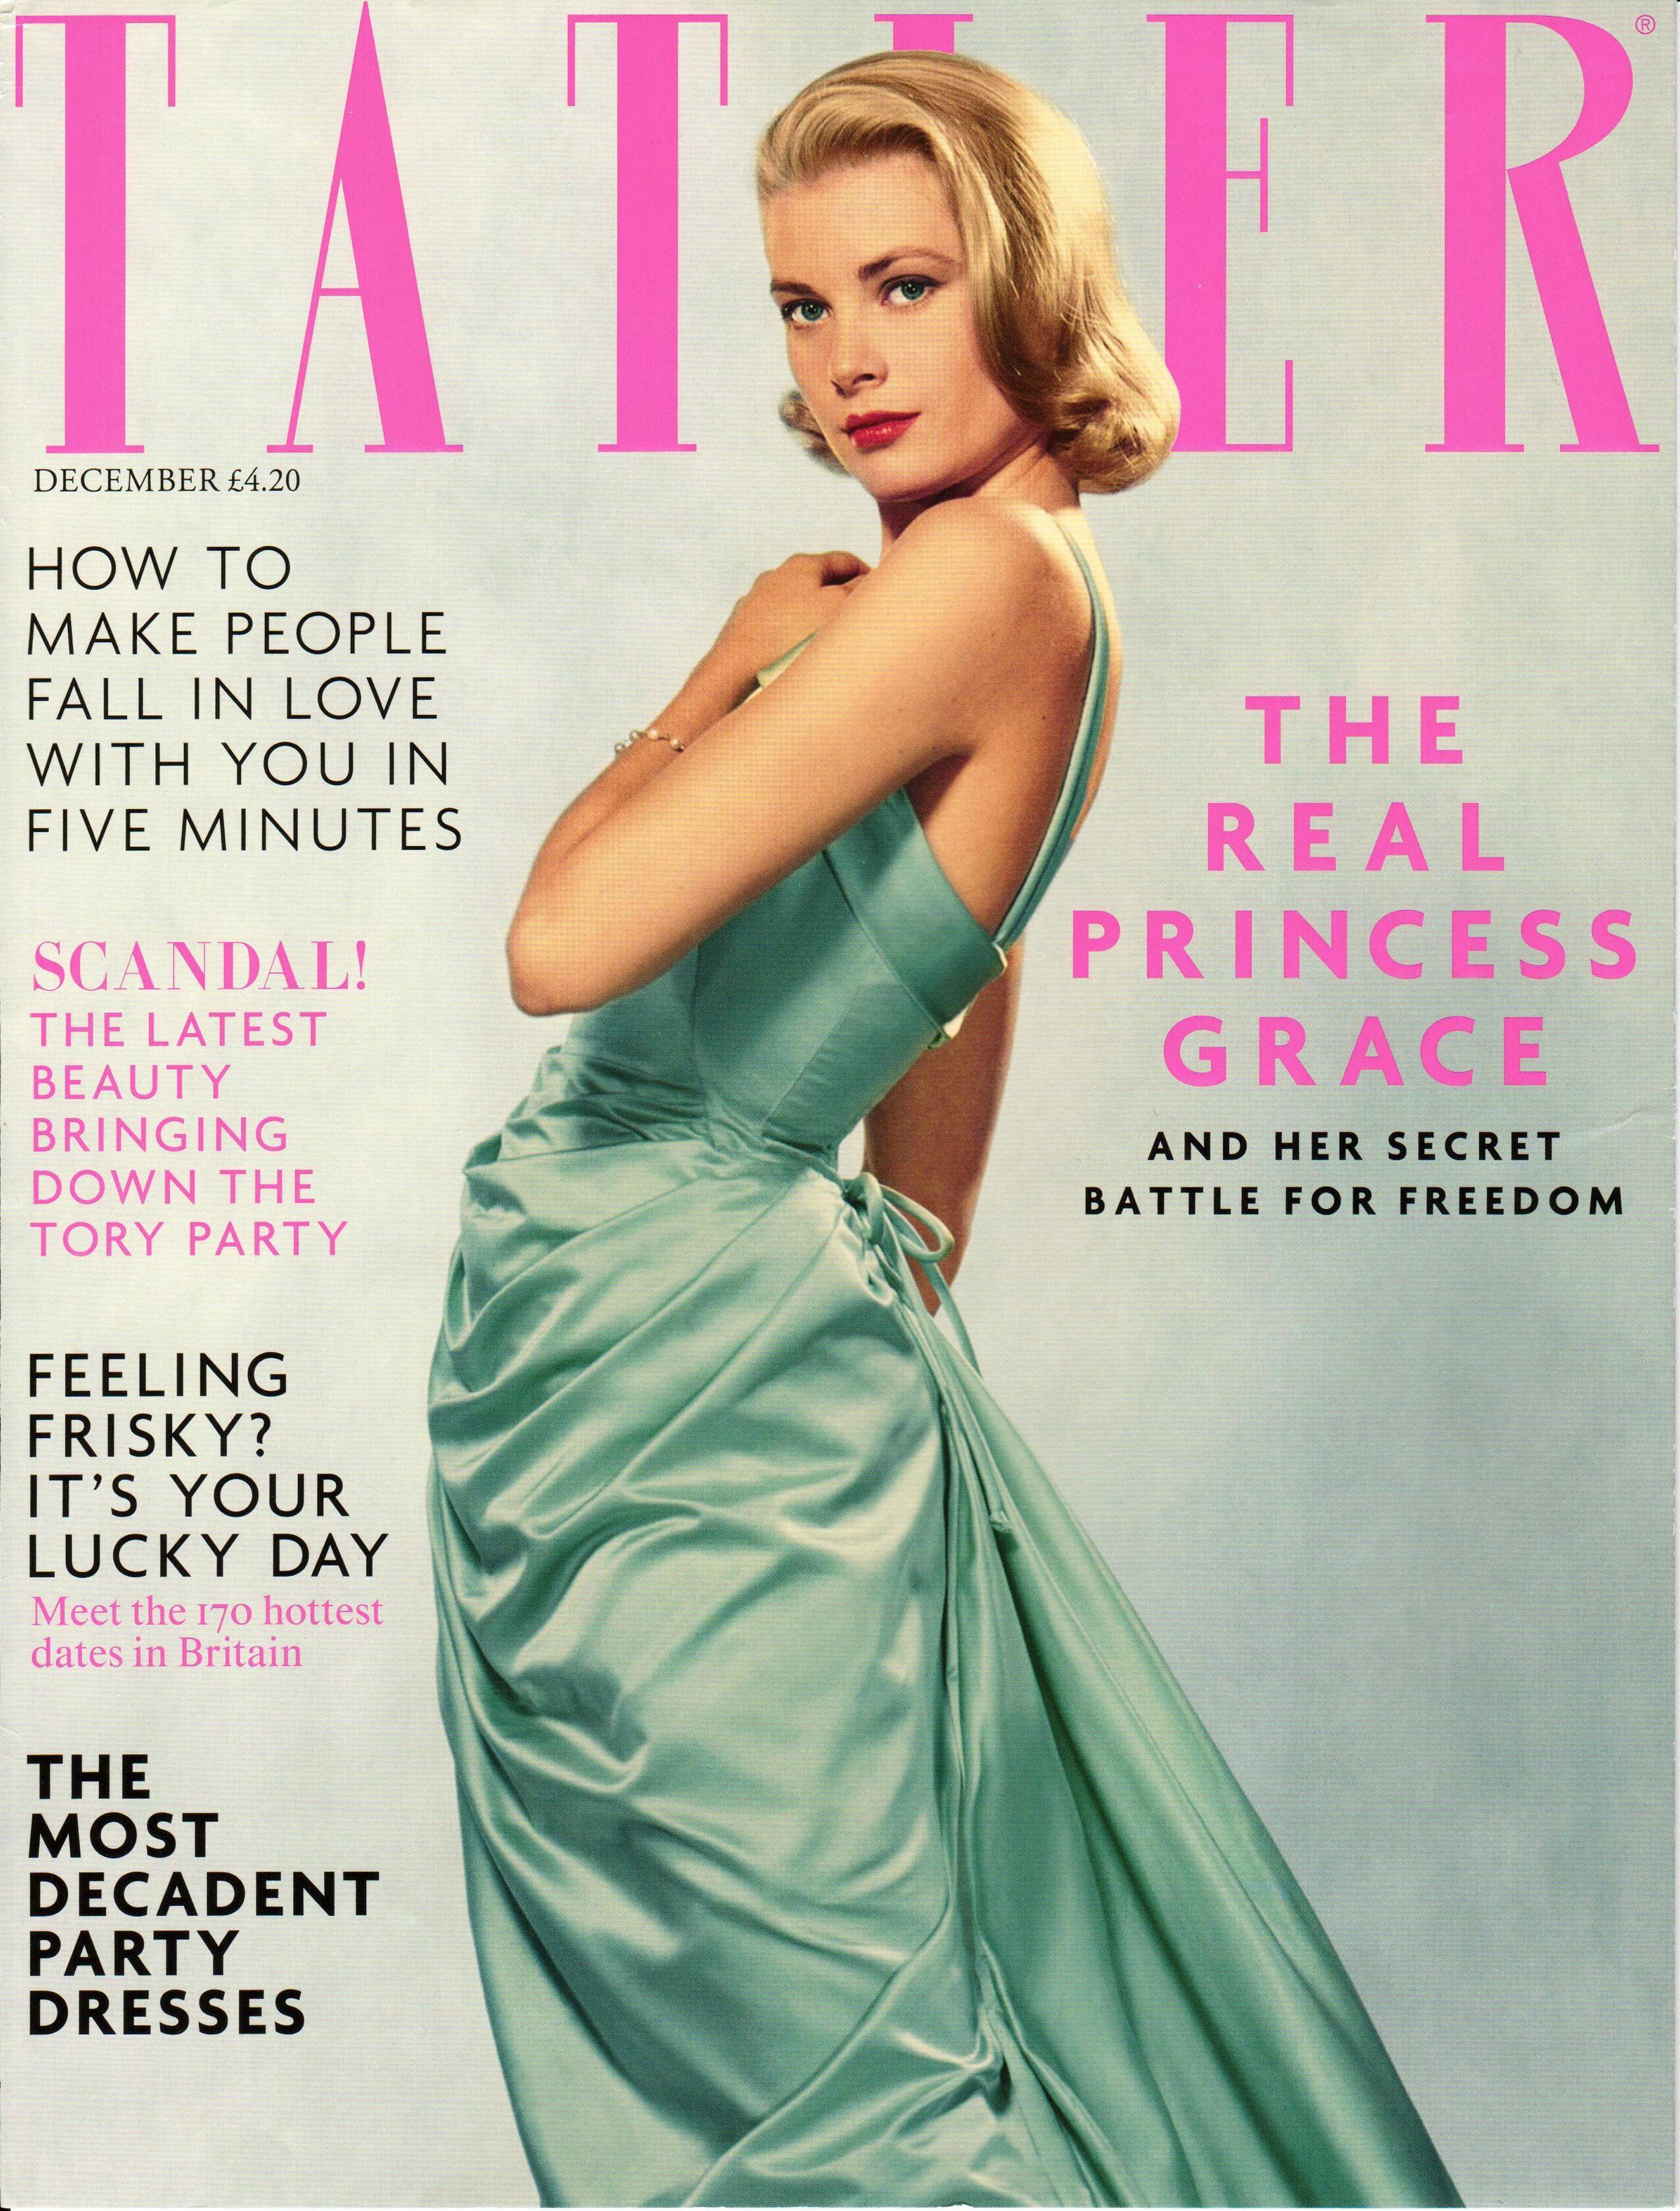 Tatler Dec 2013 cover.jpg